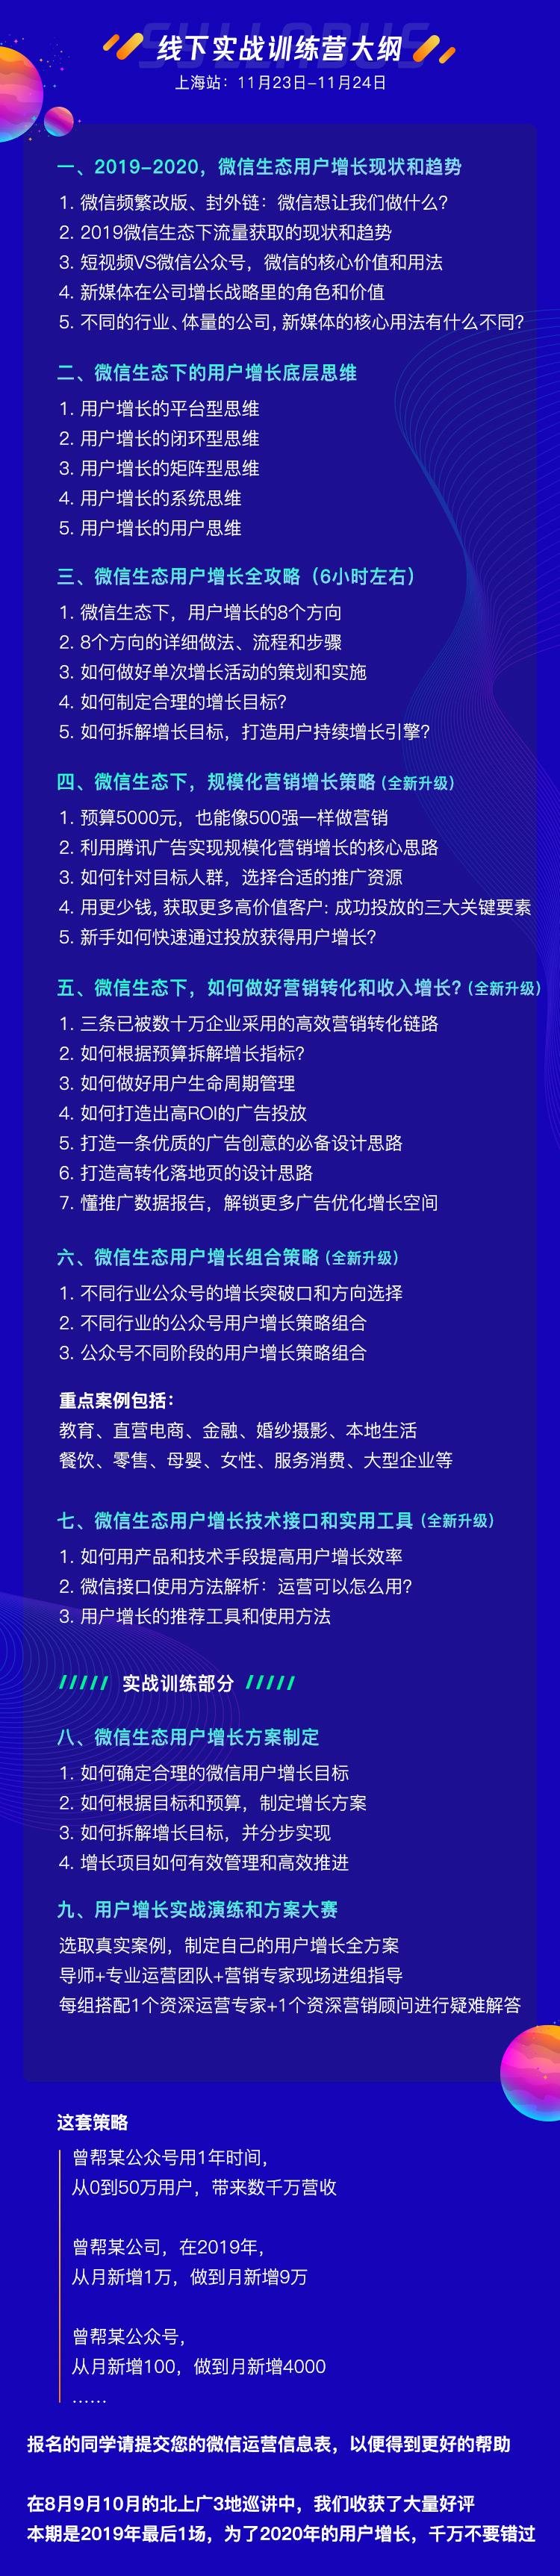 http://mtedu-img.oss-cn-beijing-internal.aliyuncs.com/ueditor/20191104165920_859296.jpeg